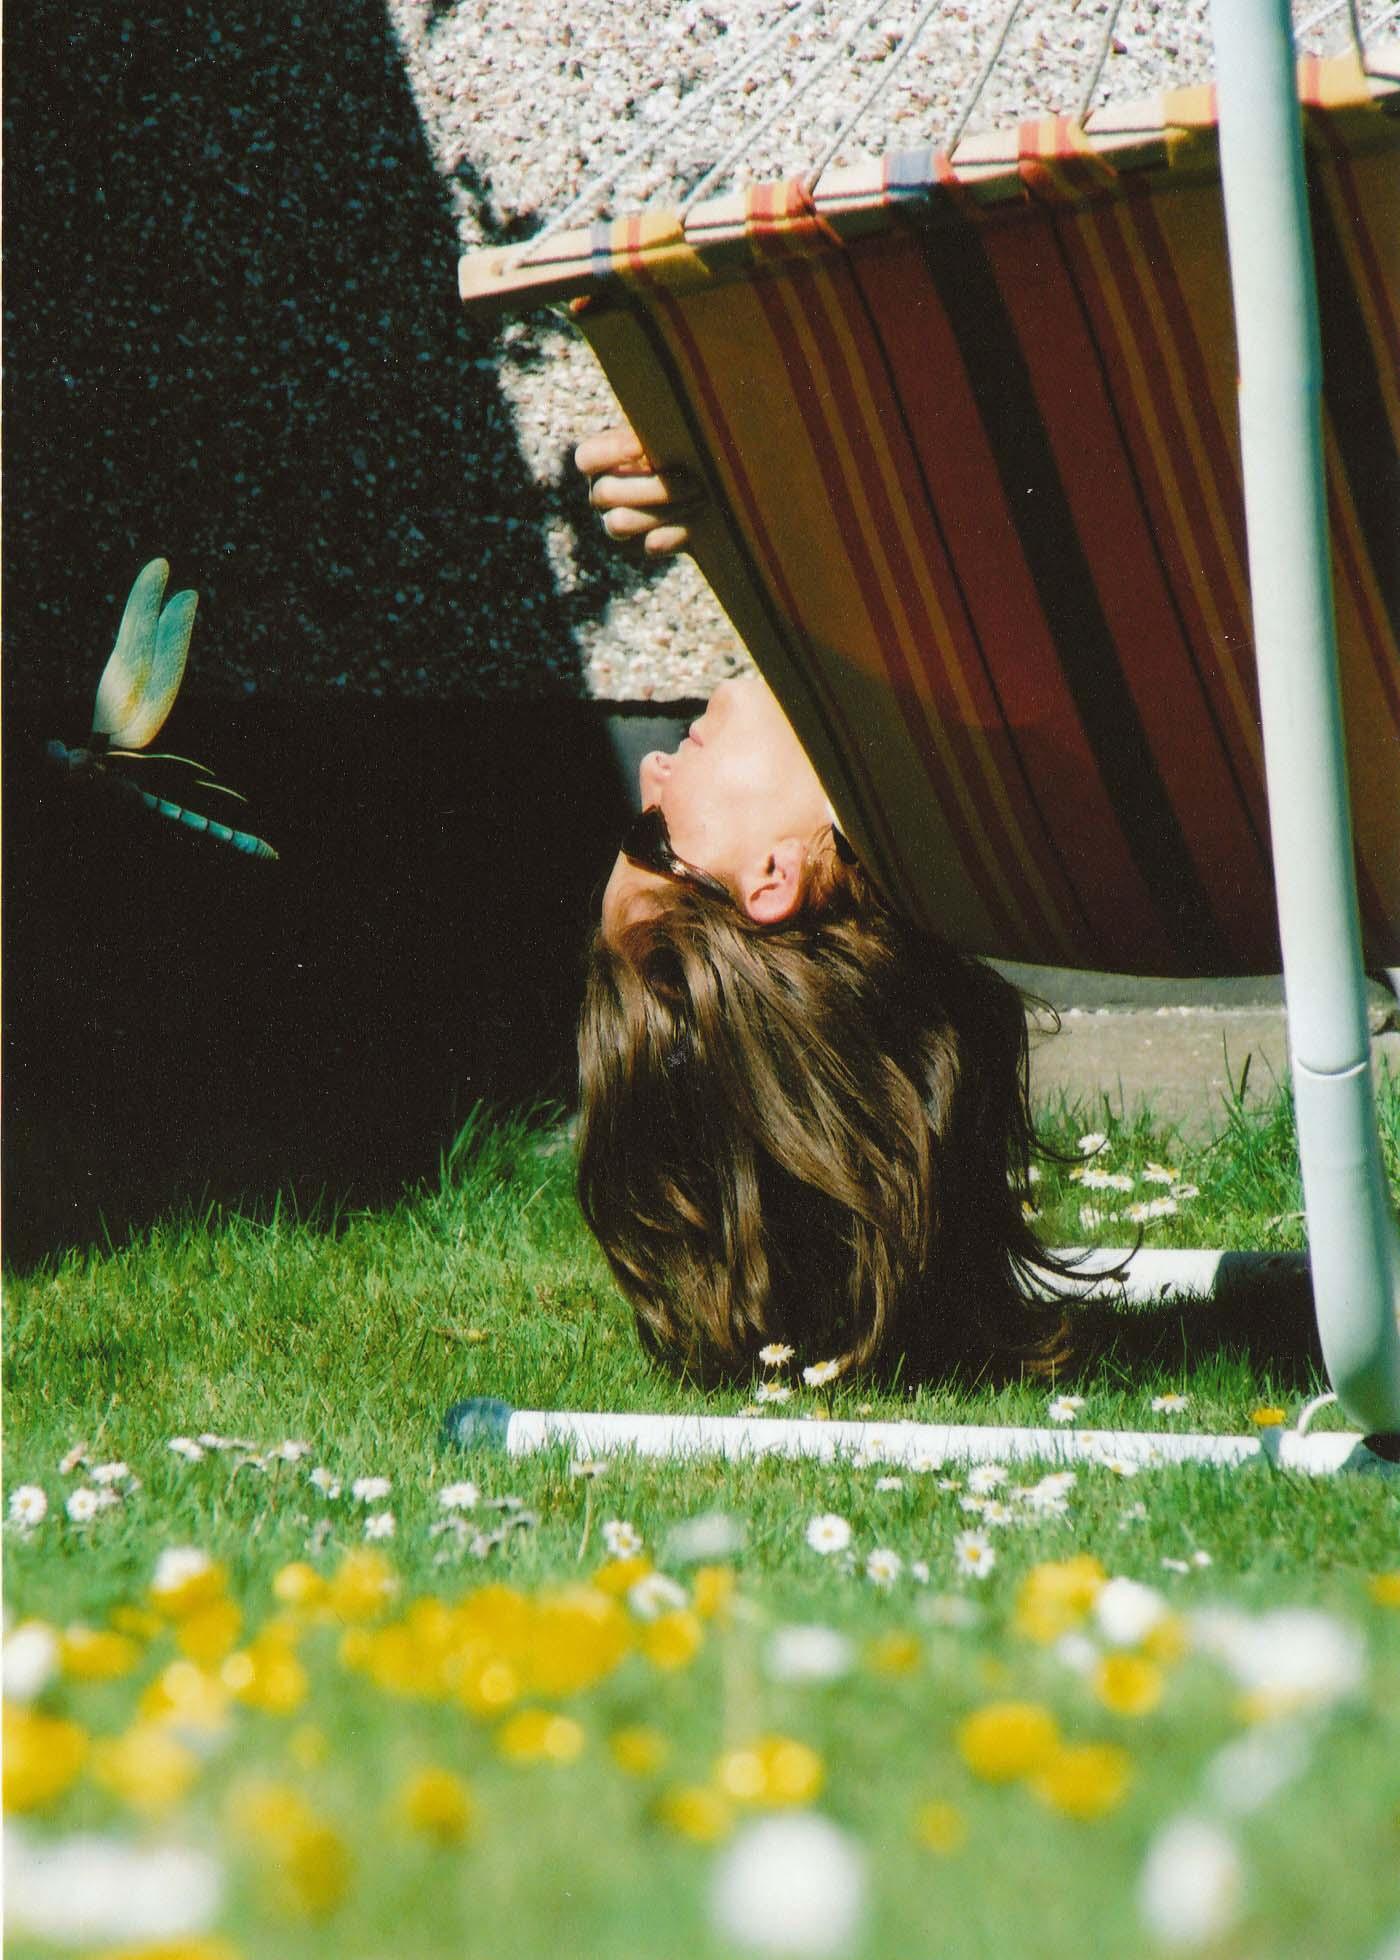 Caitriona_Summertime_2